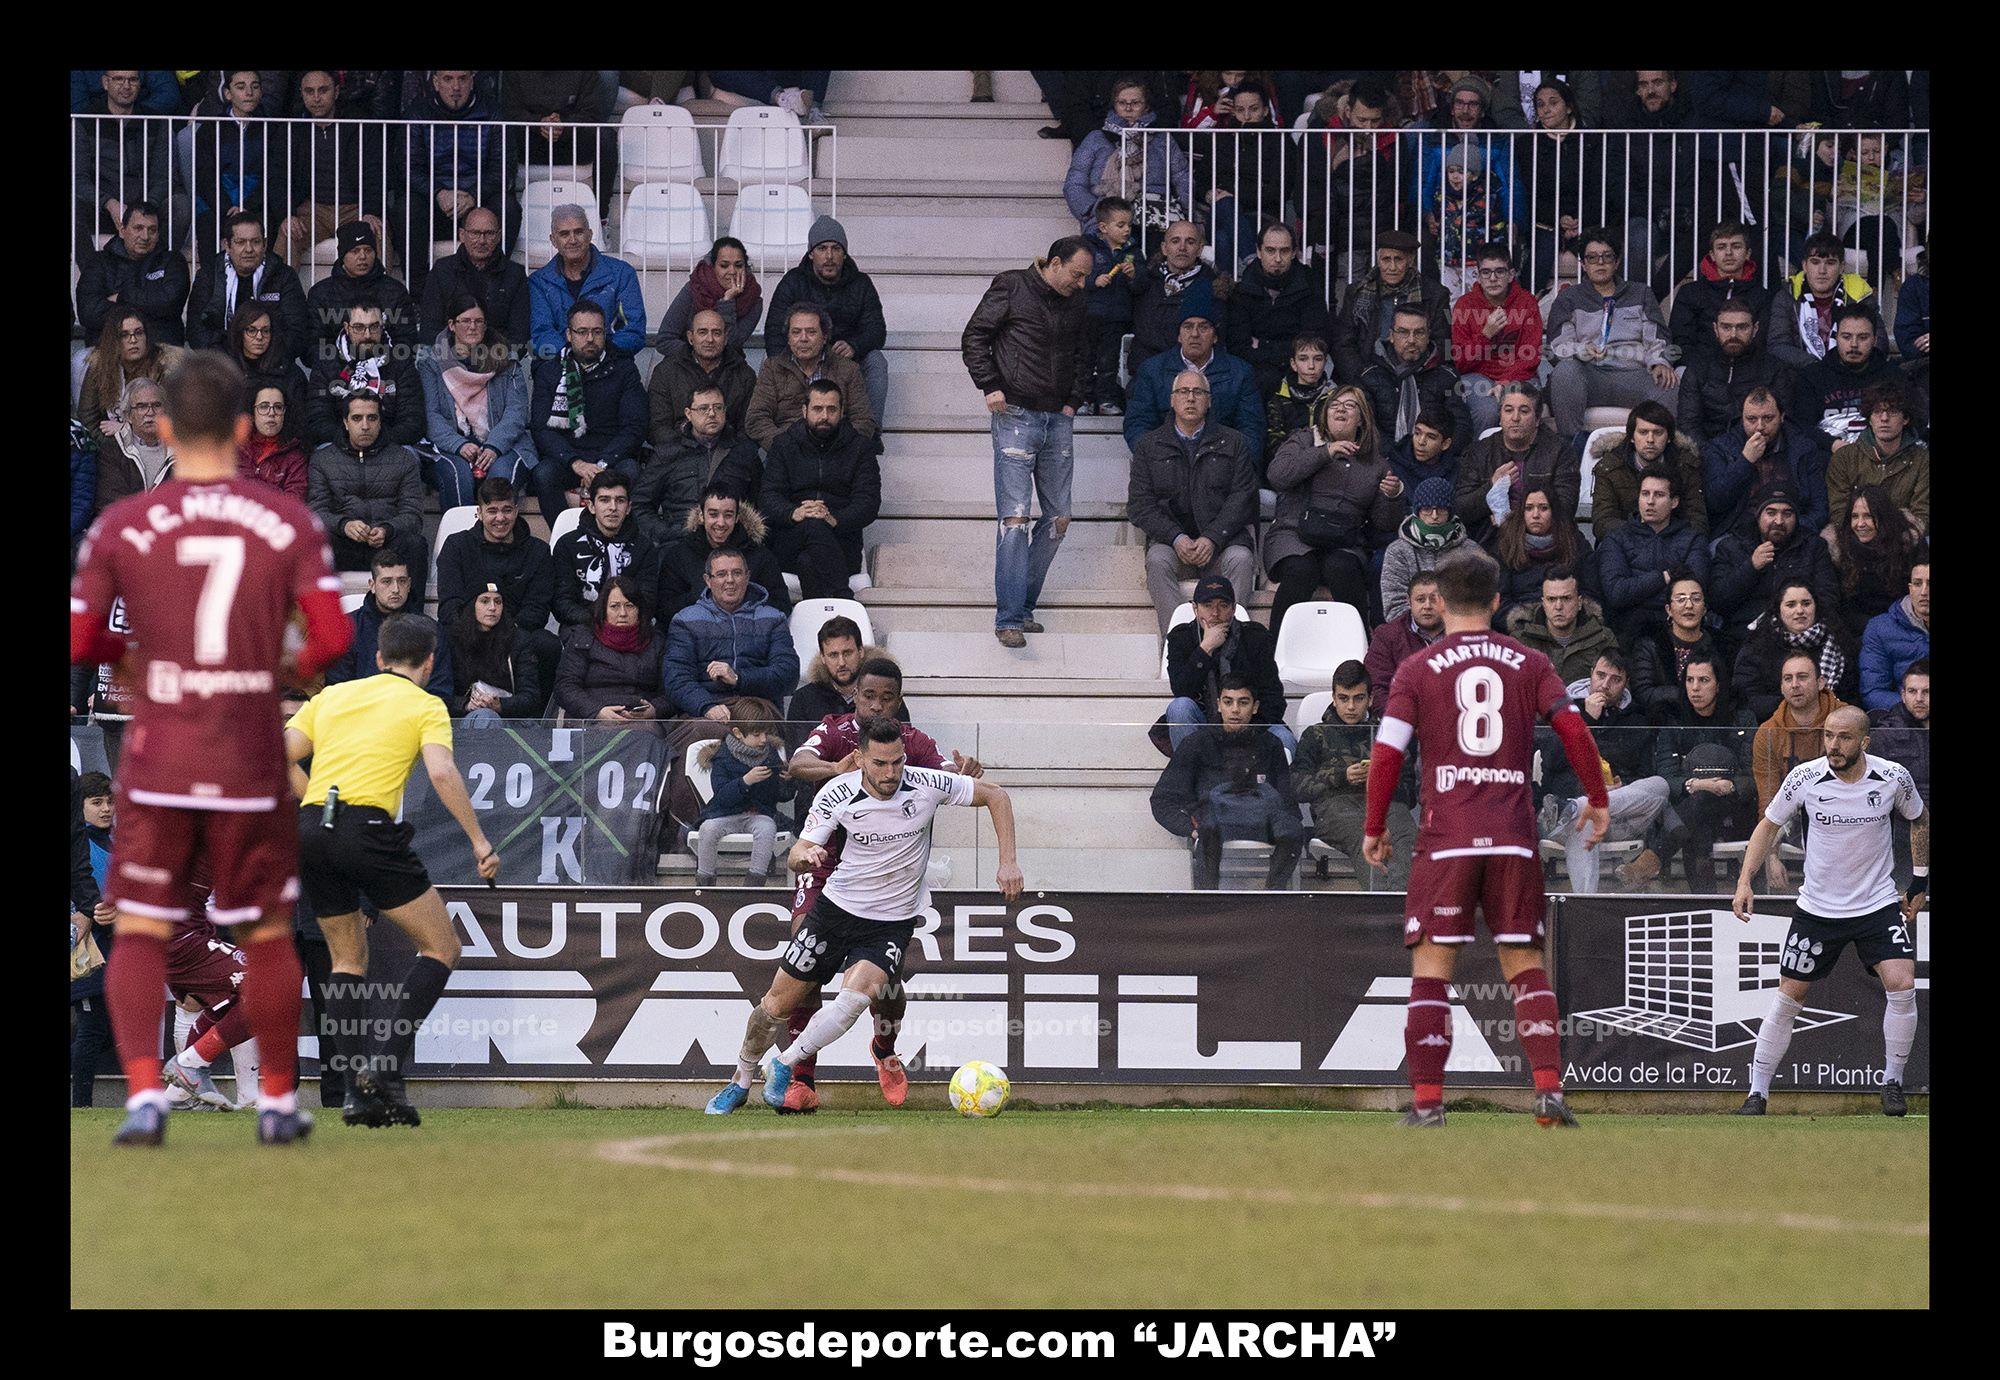 BURGOS CF 2 - C Y D LEONESA 0